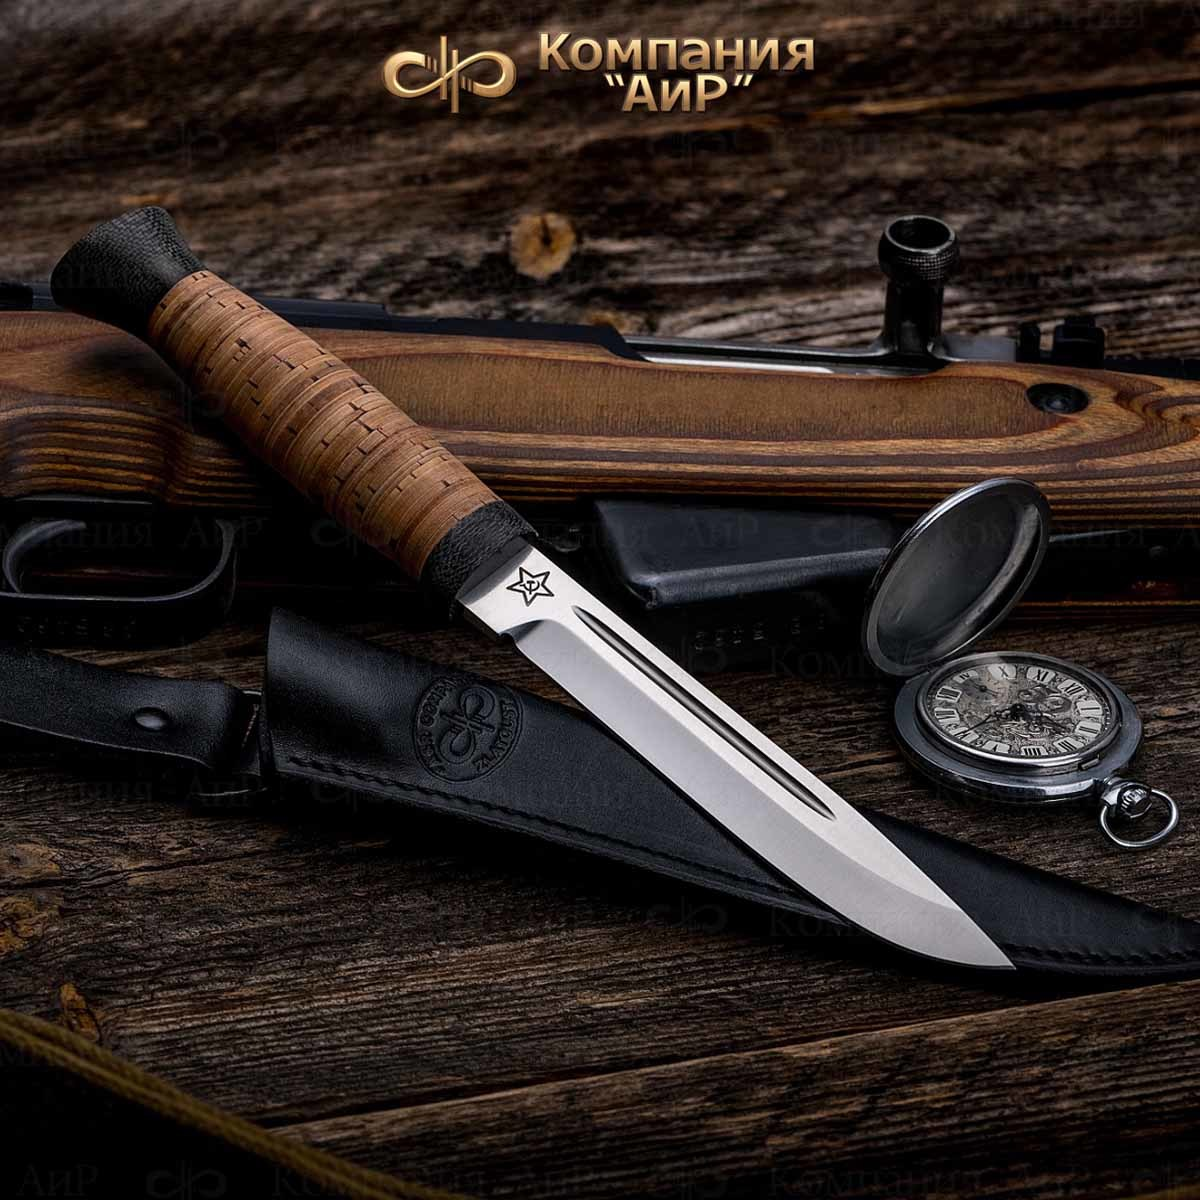 Нож разделочный АиР Финка-3, сталь Elmax, рукоять береста